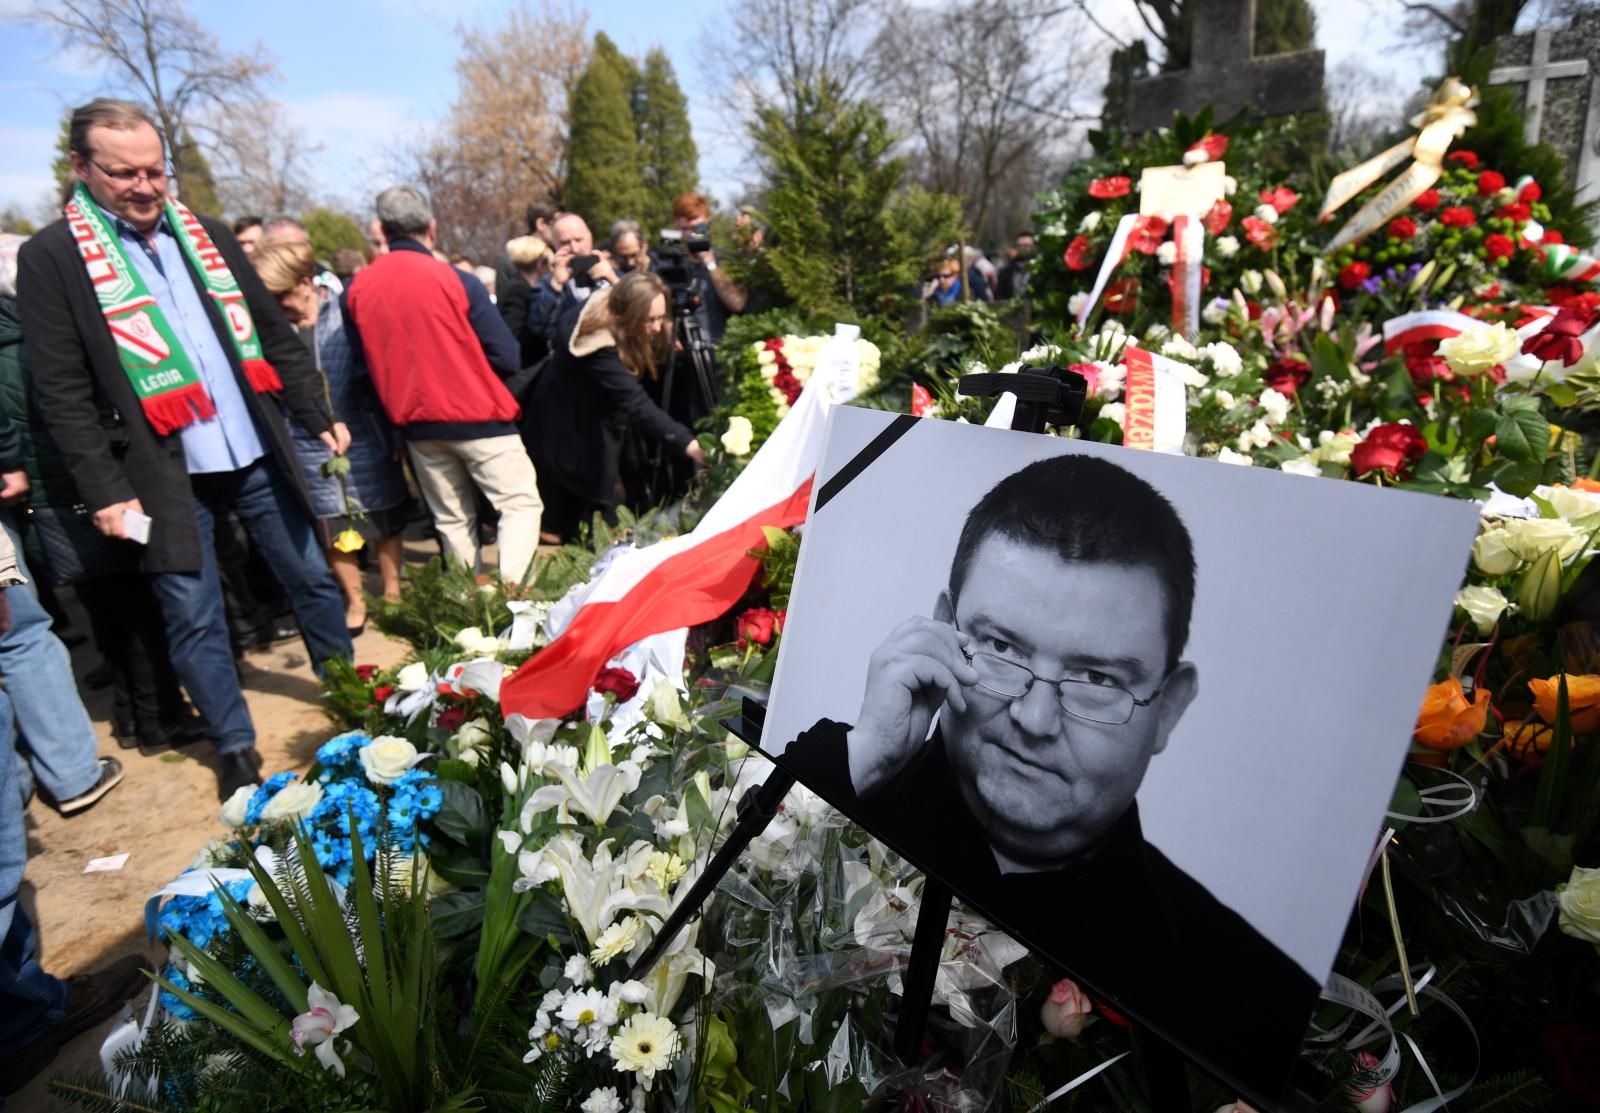 Uroczystości pogrzebowe dziennikarza sportowego Pawła Zarzecznego. Fot. PAP/Bartłomiej Zborowski